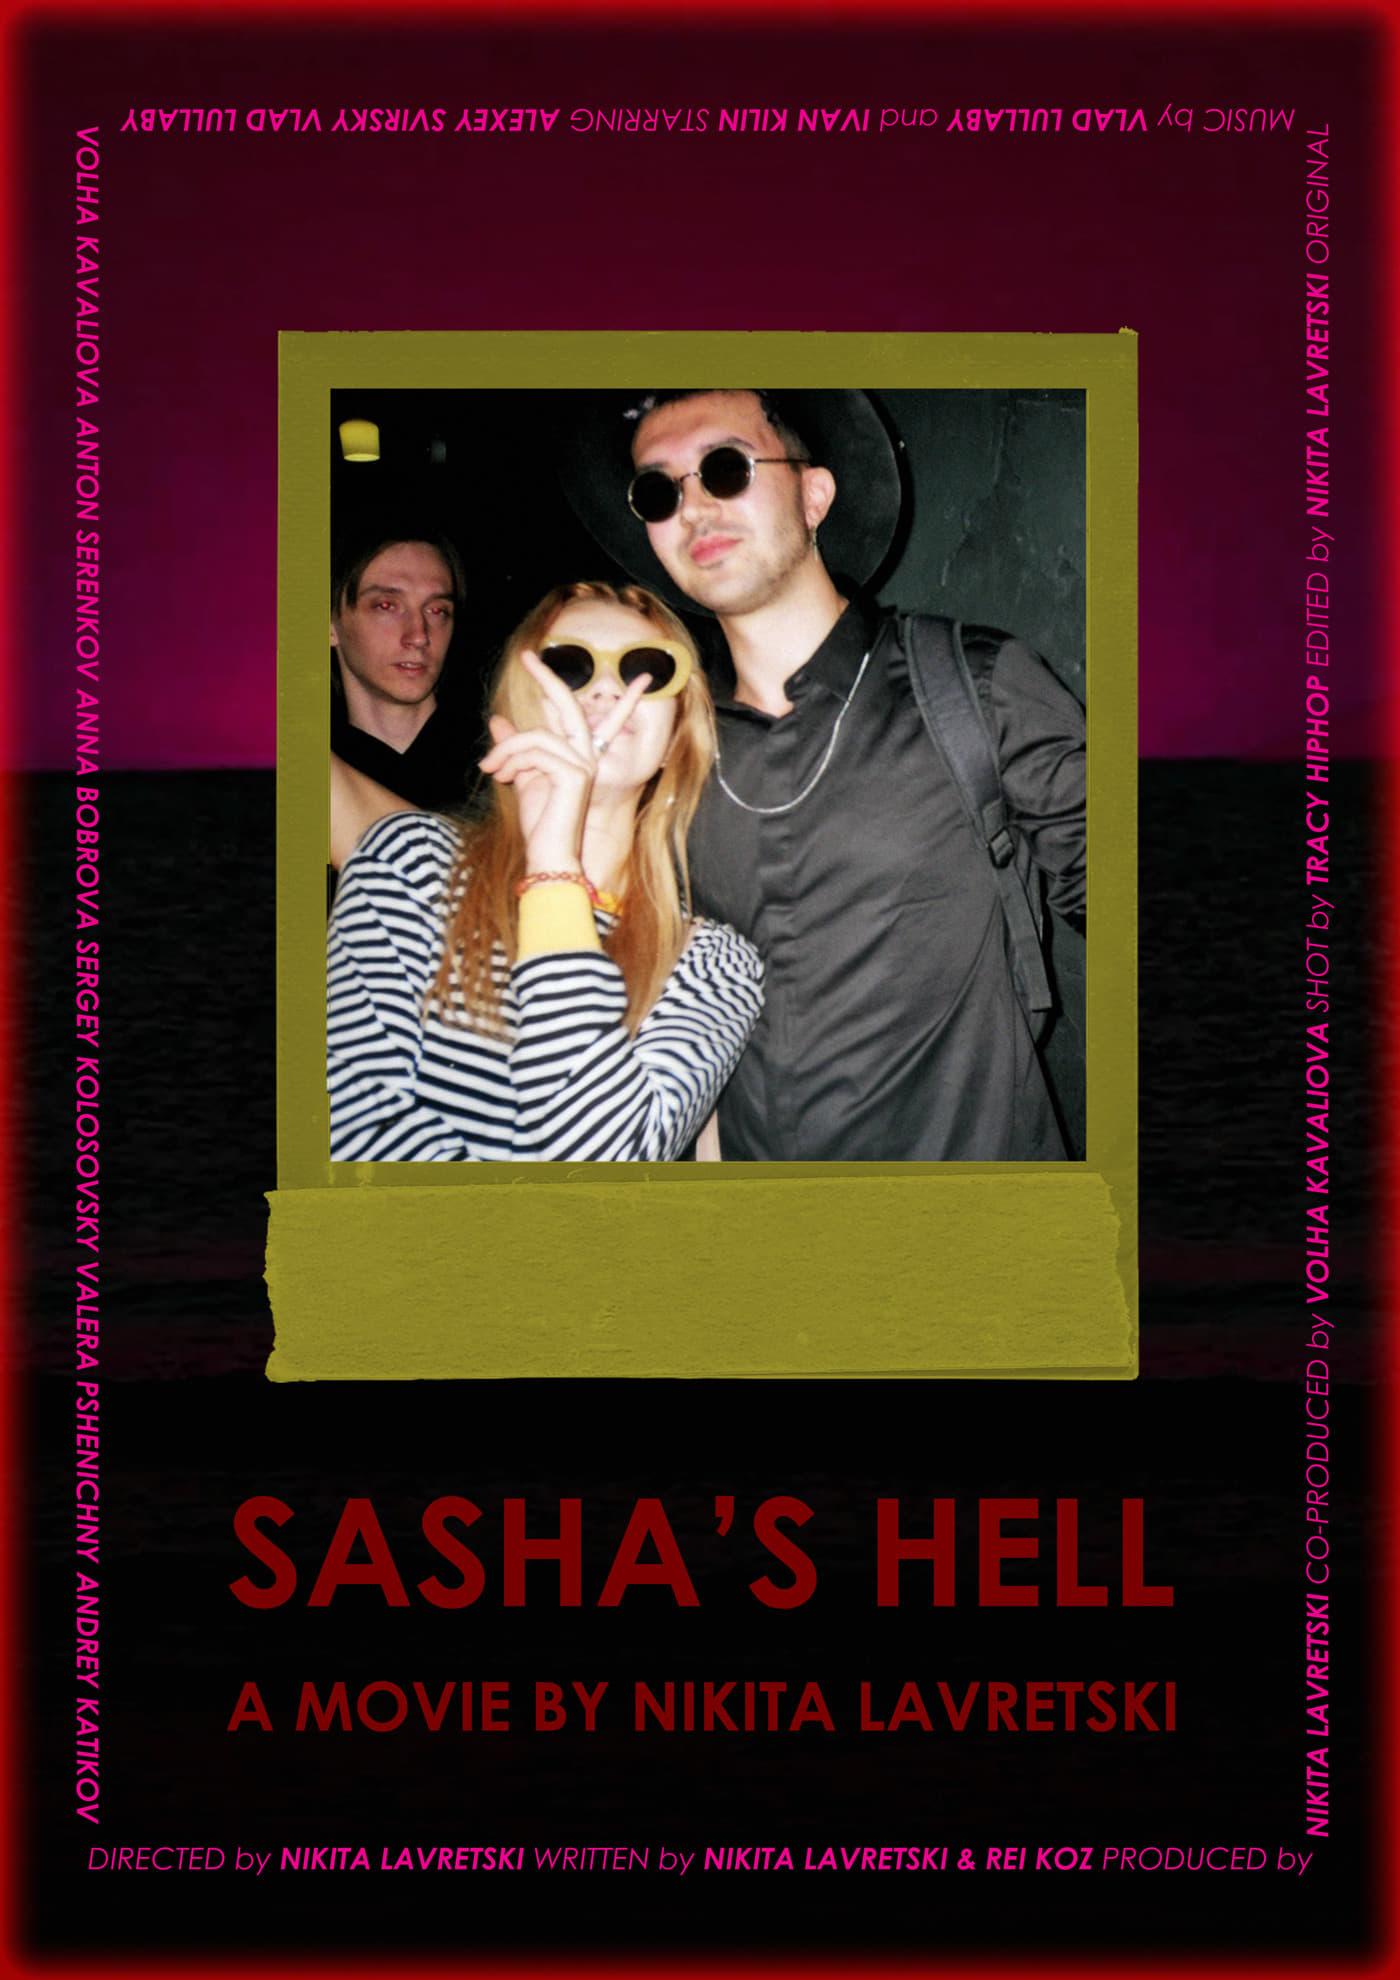 Sasha's Hell